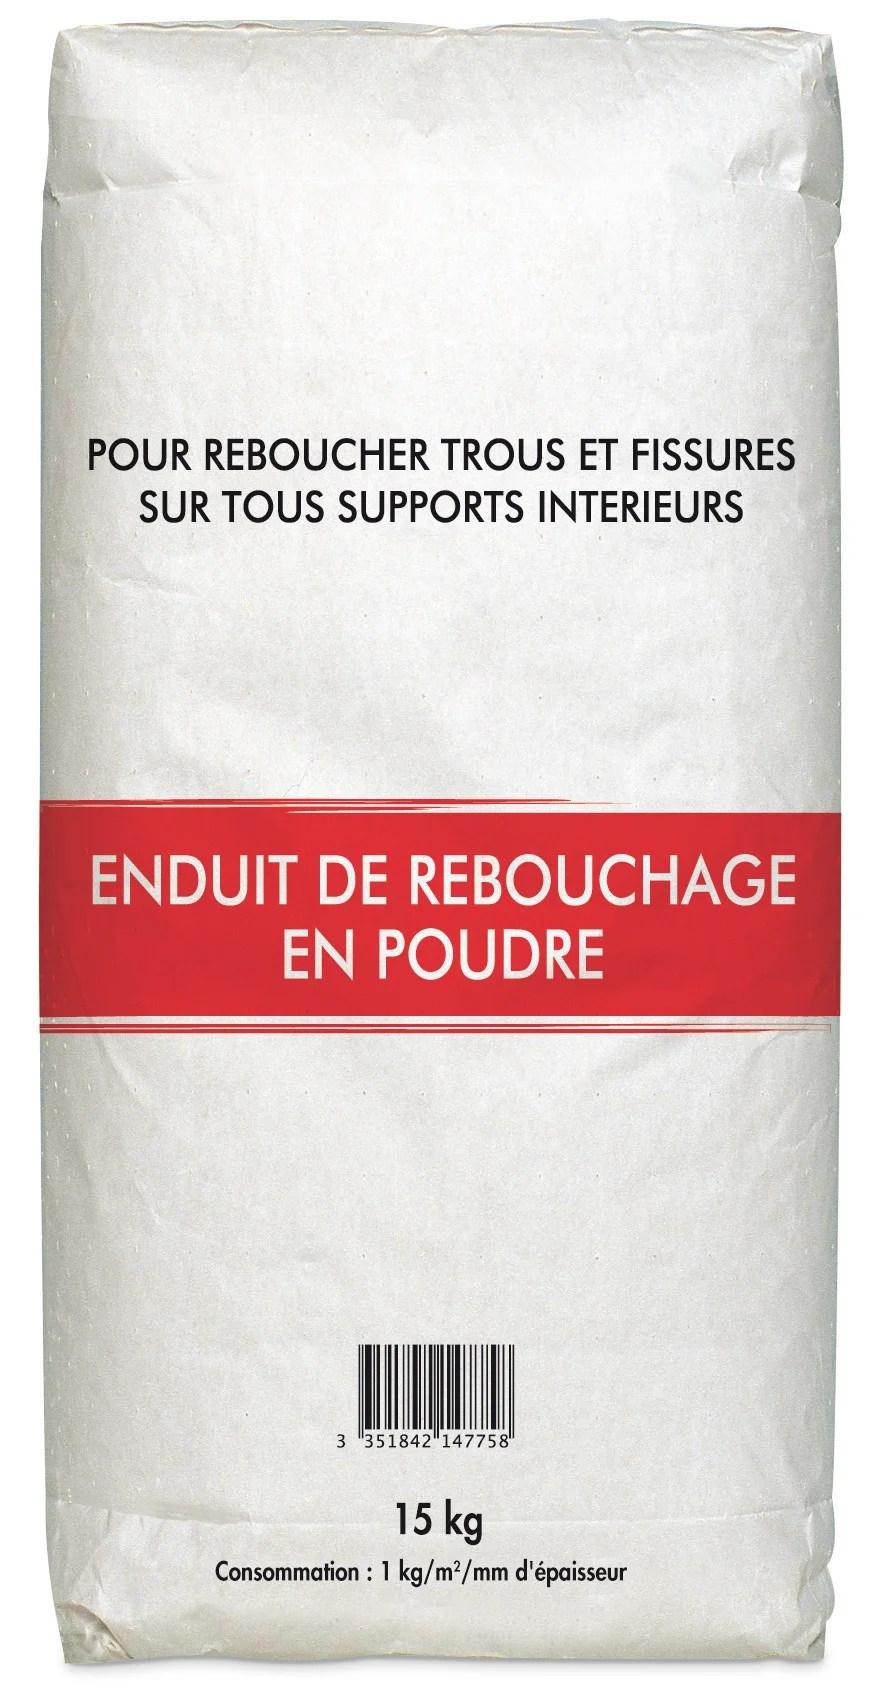 Prix Enduit De Rebouchage Leroy Merlin